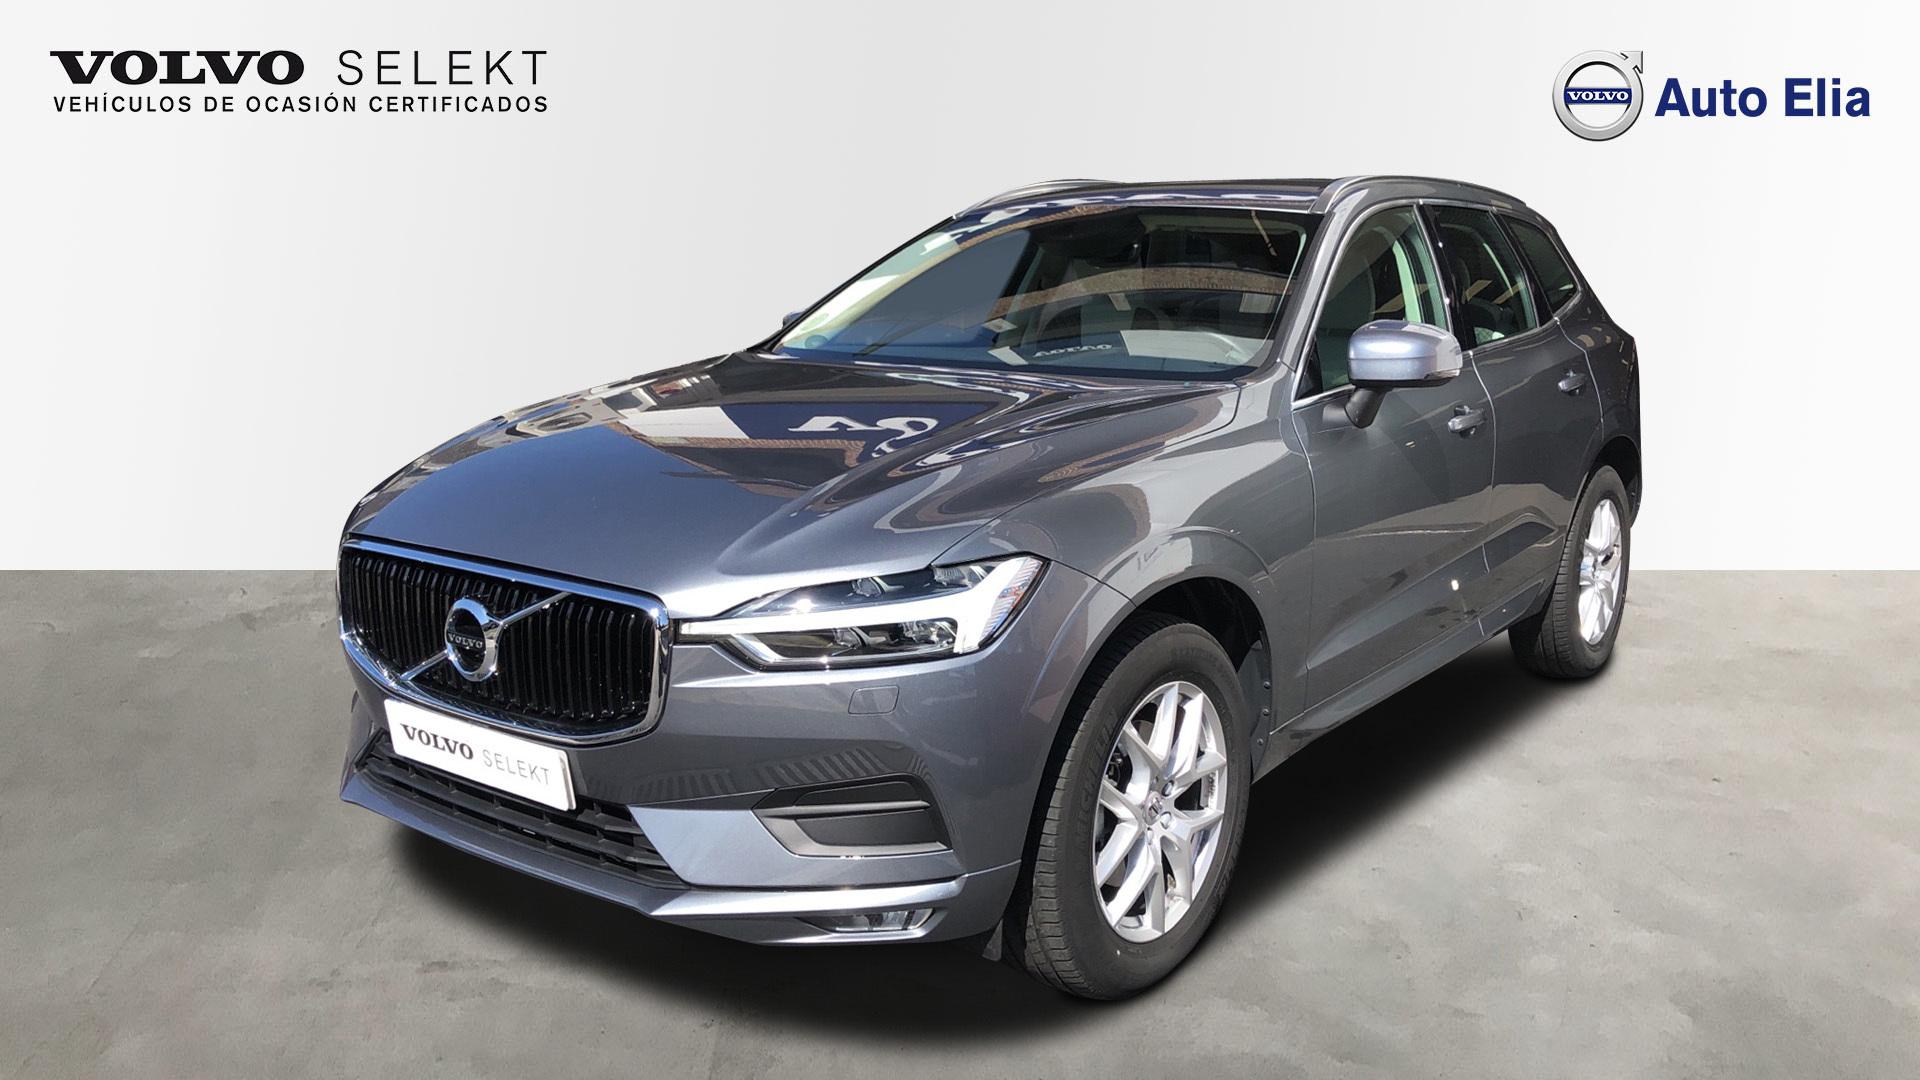 Volvo XC60 segunda mano 7811677 - 1